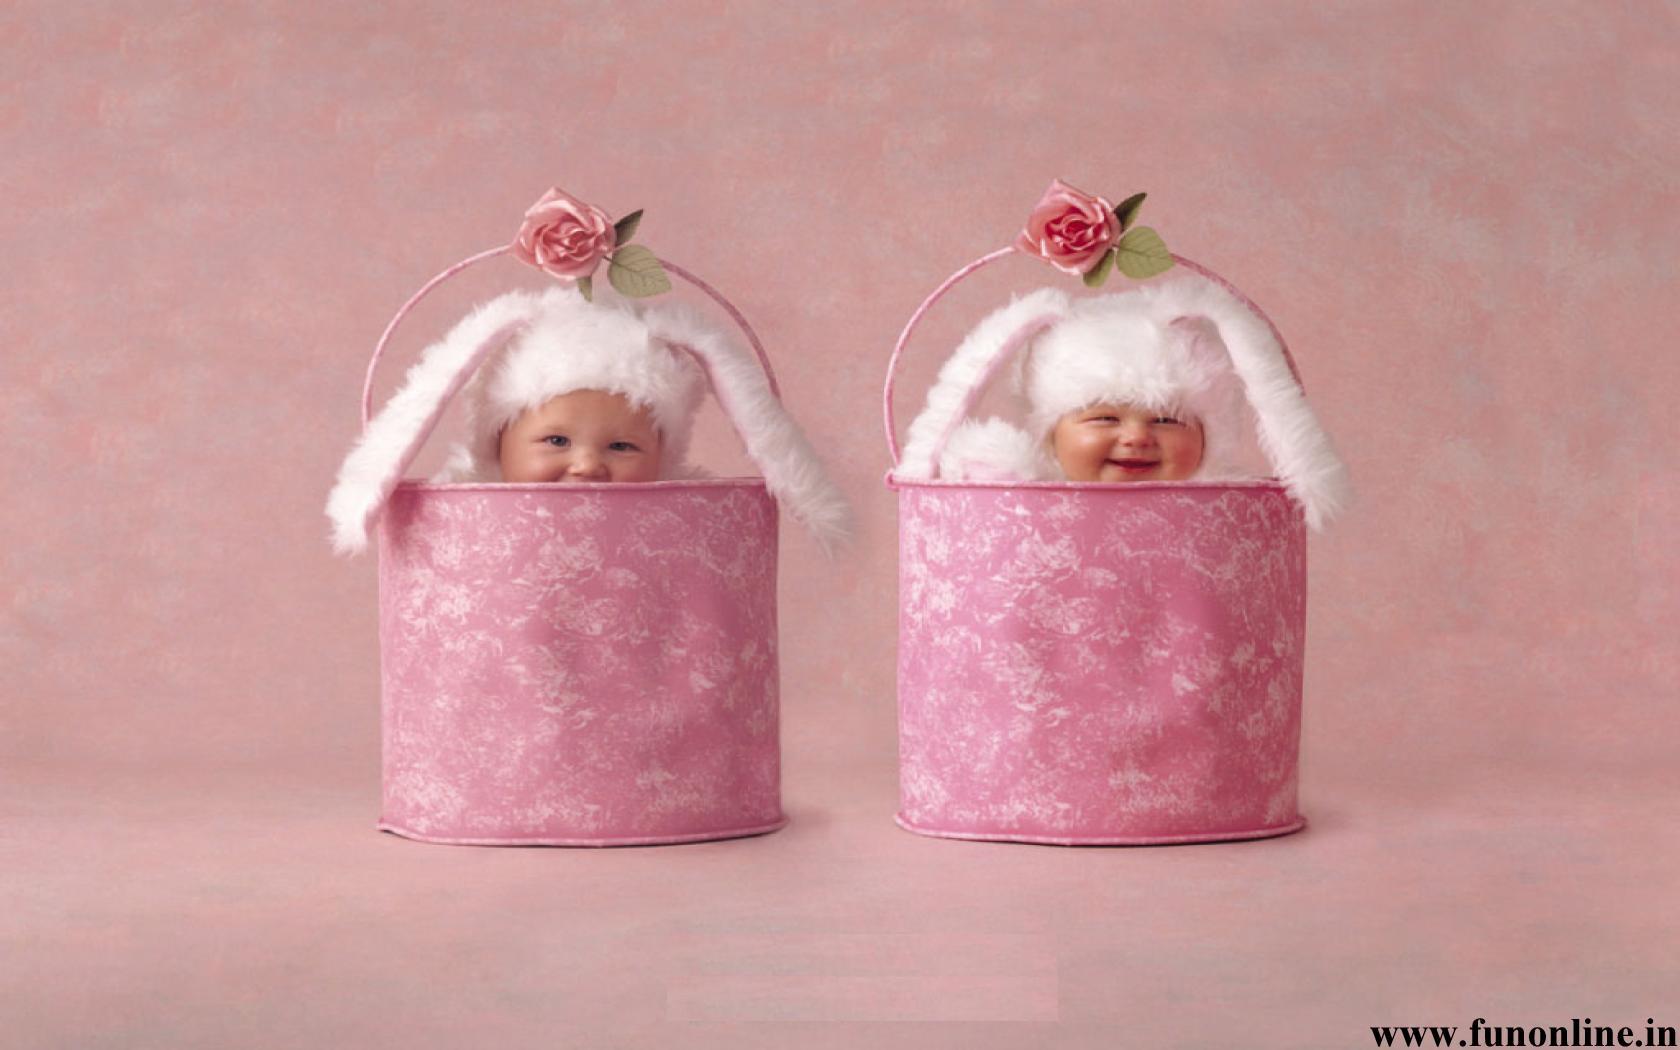 Babies In Bunny Costume